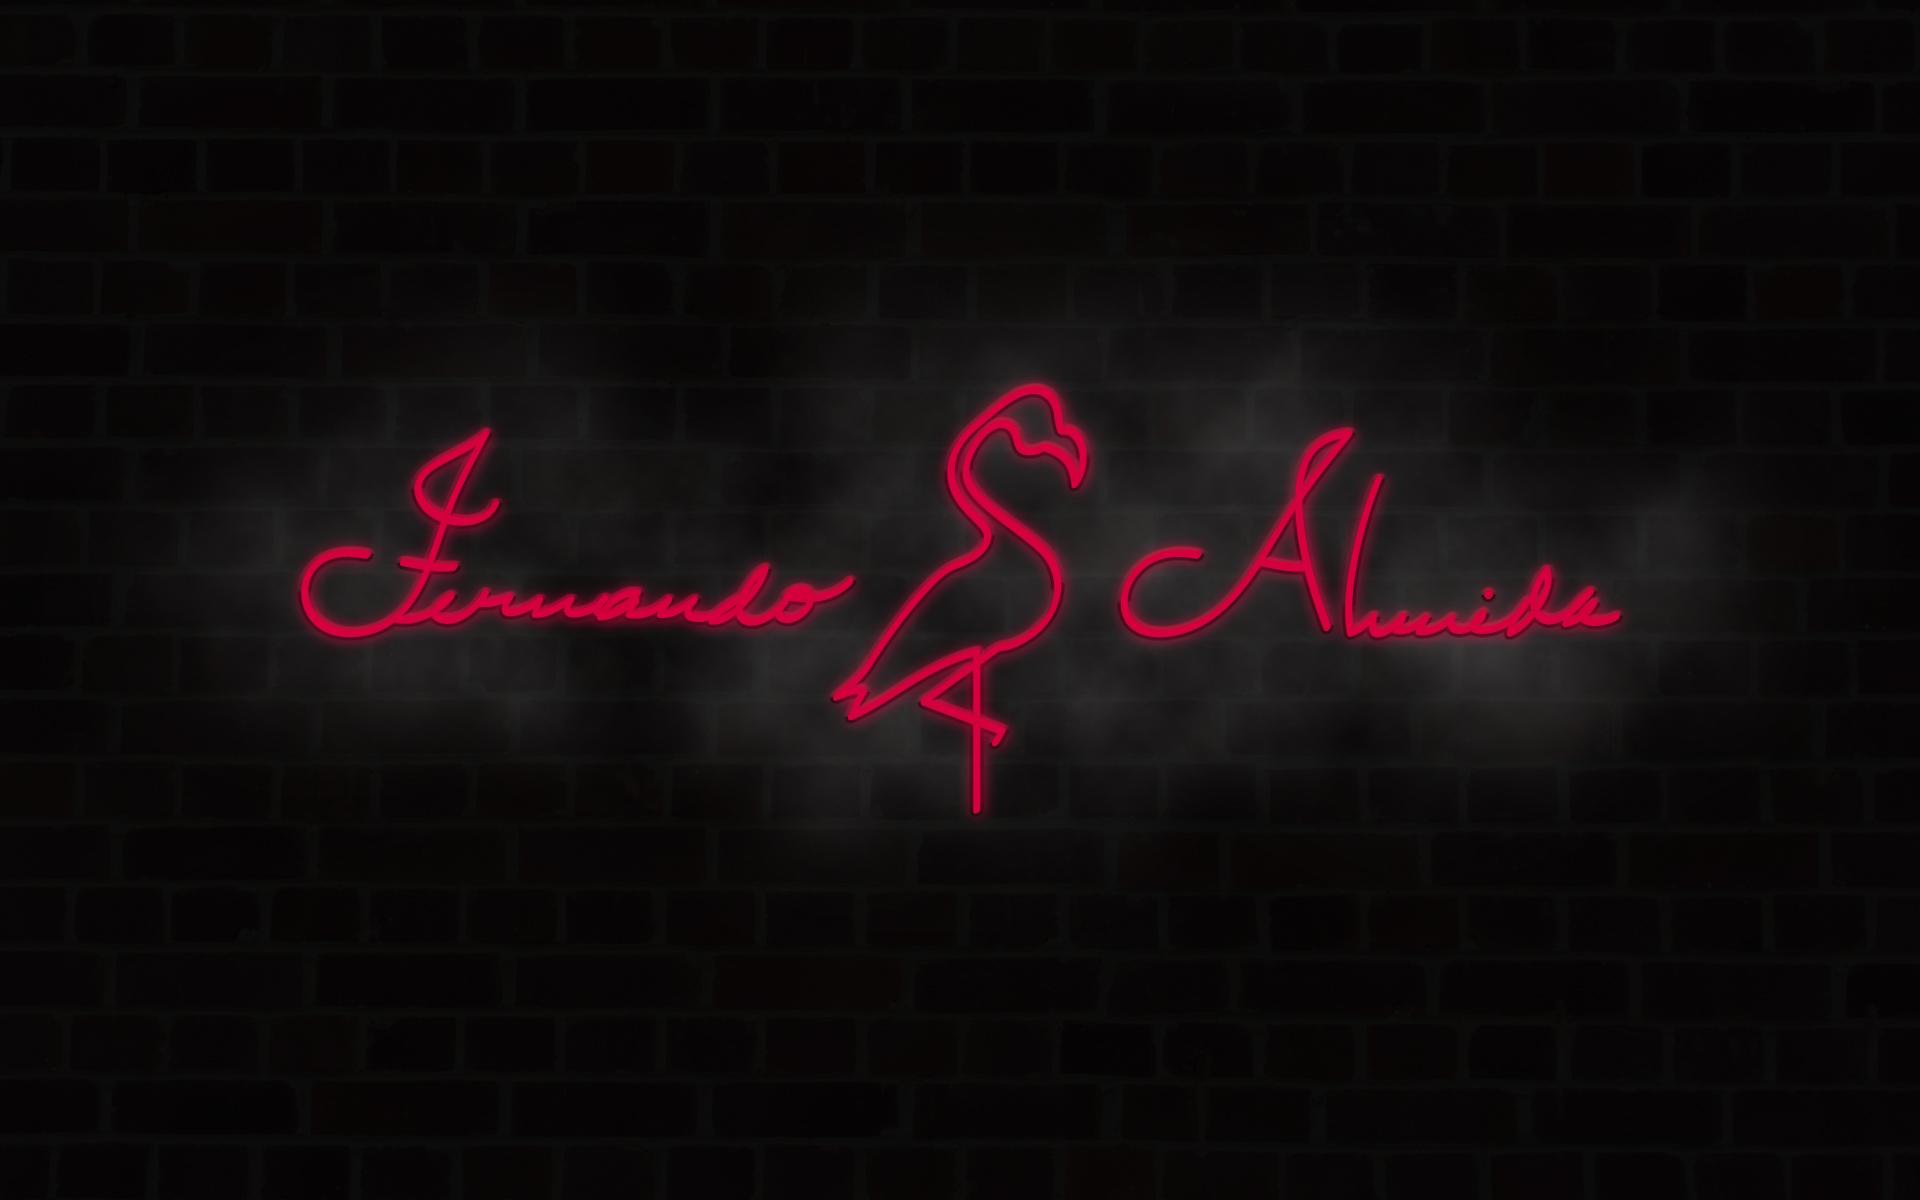 PersonalSignature - Night Club